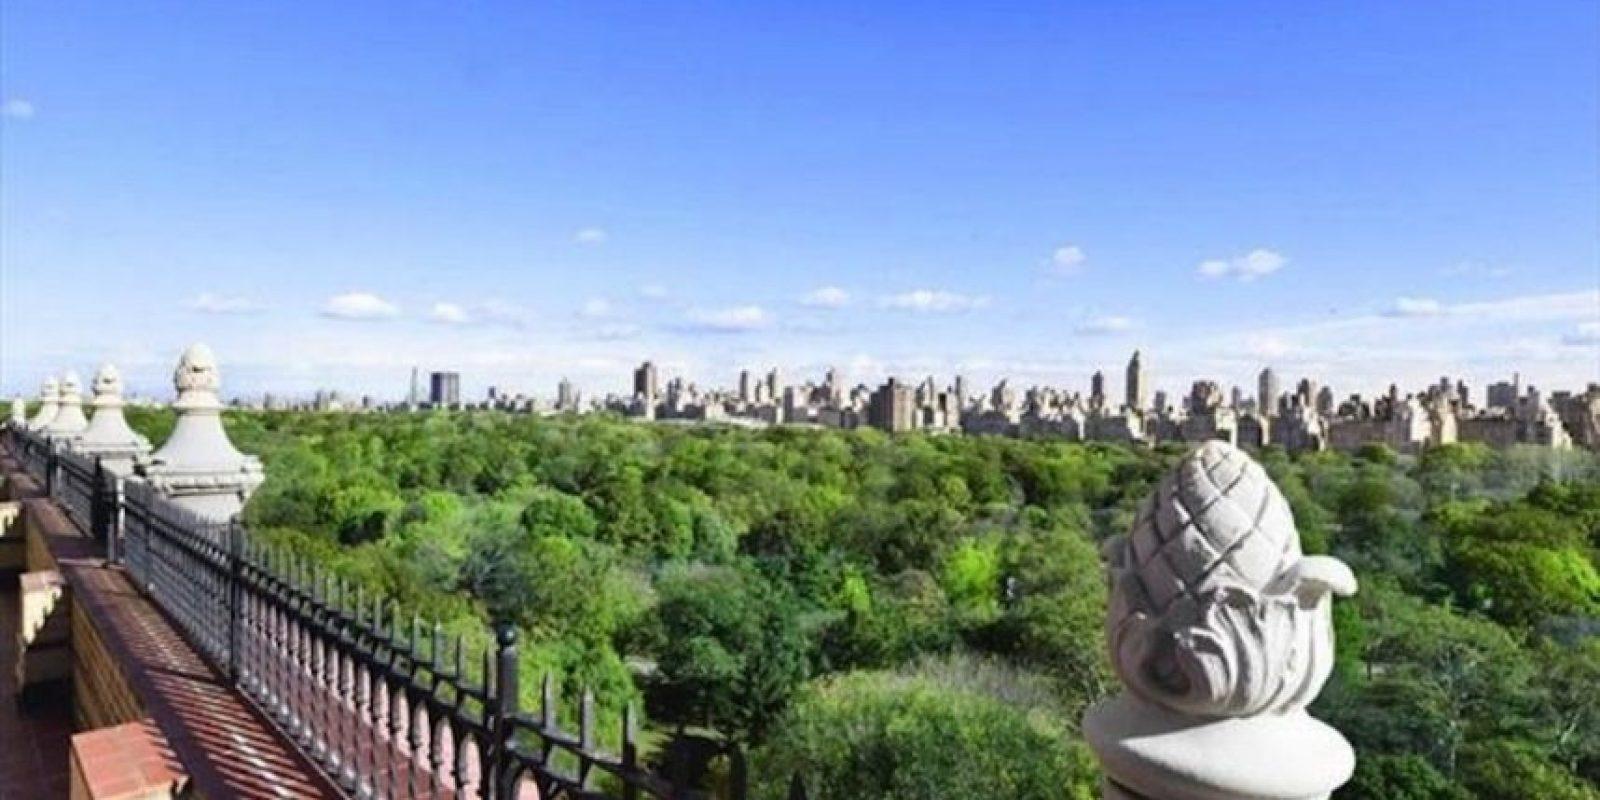 La vista del Central Park. Foto:corcoran.com